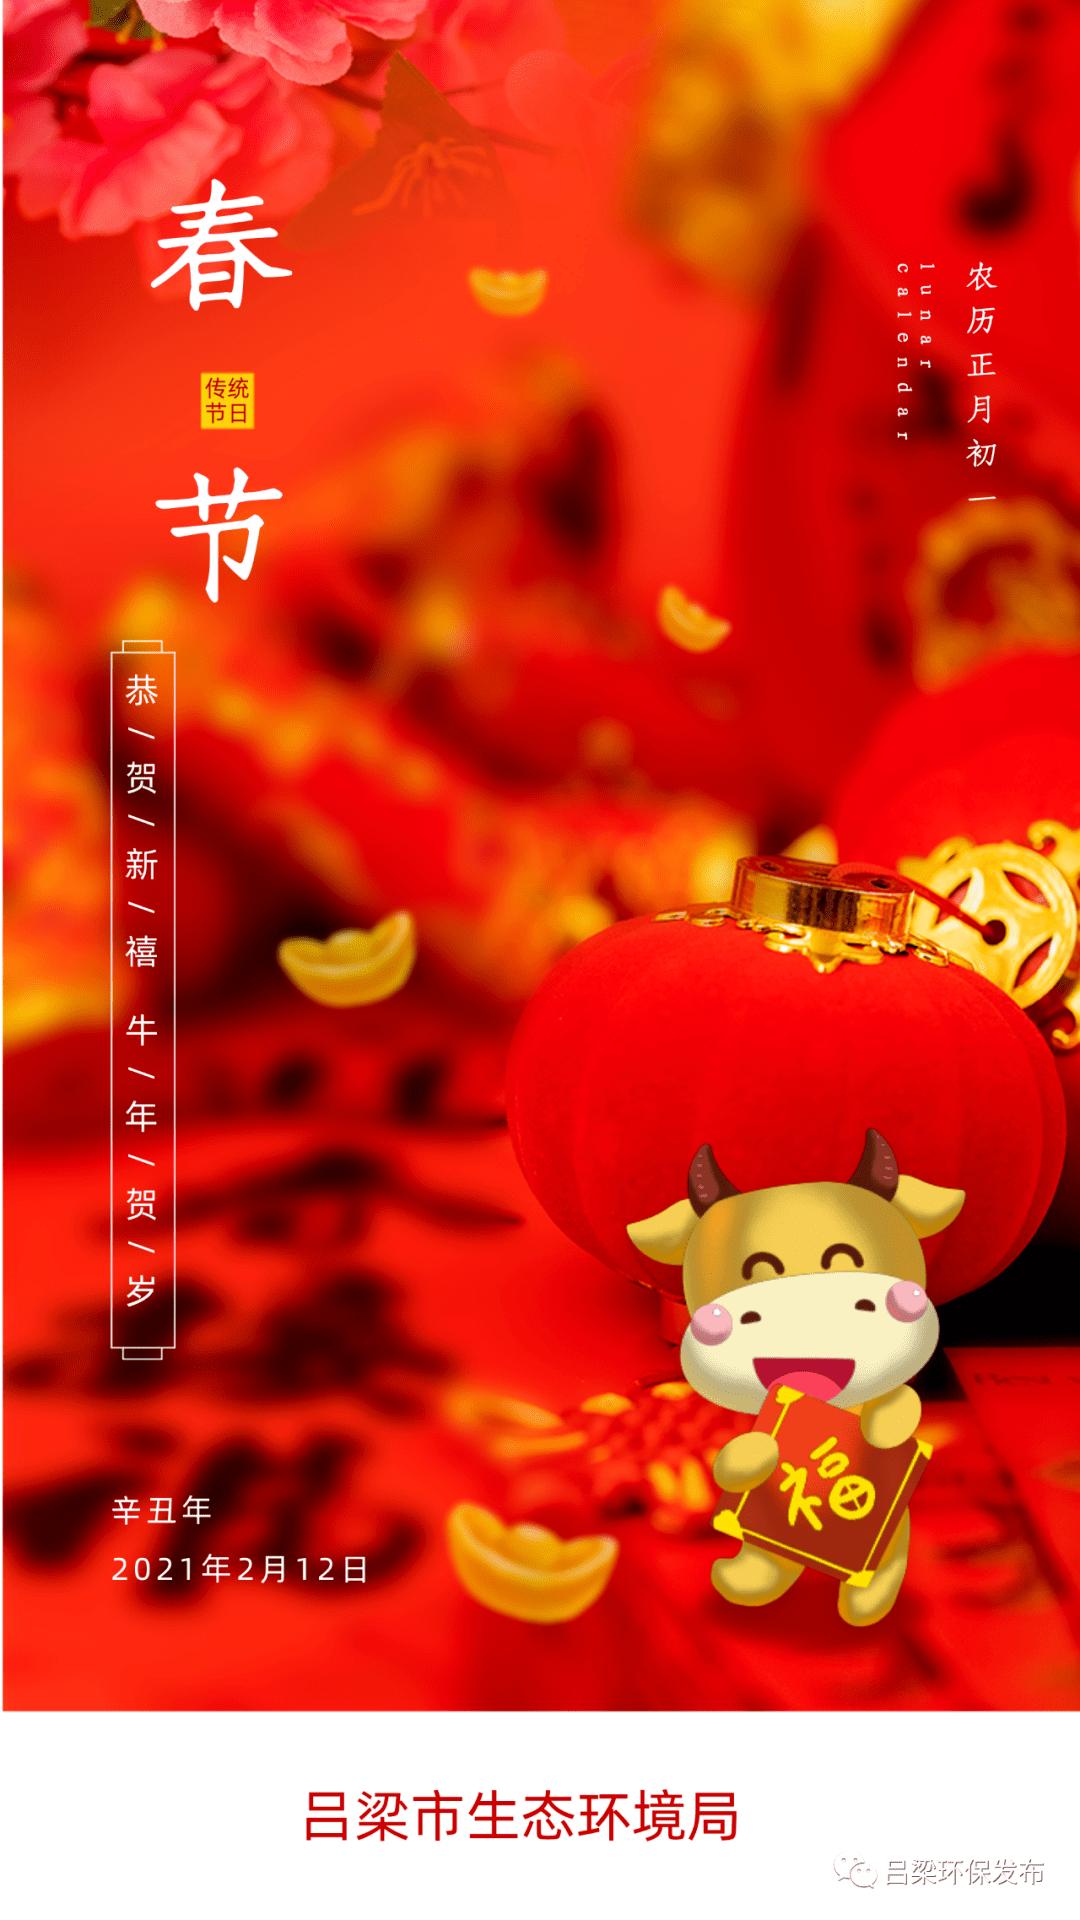 吕梁市生态环境局恭祝大家新春快乐!